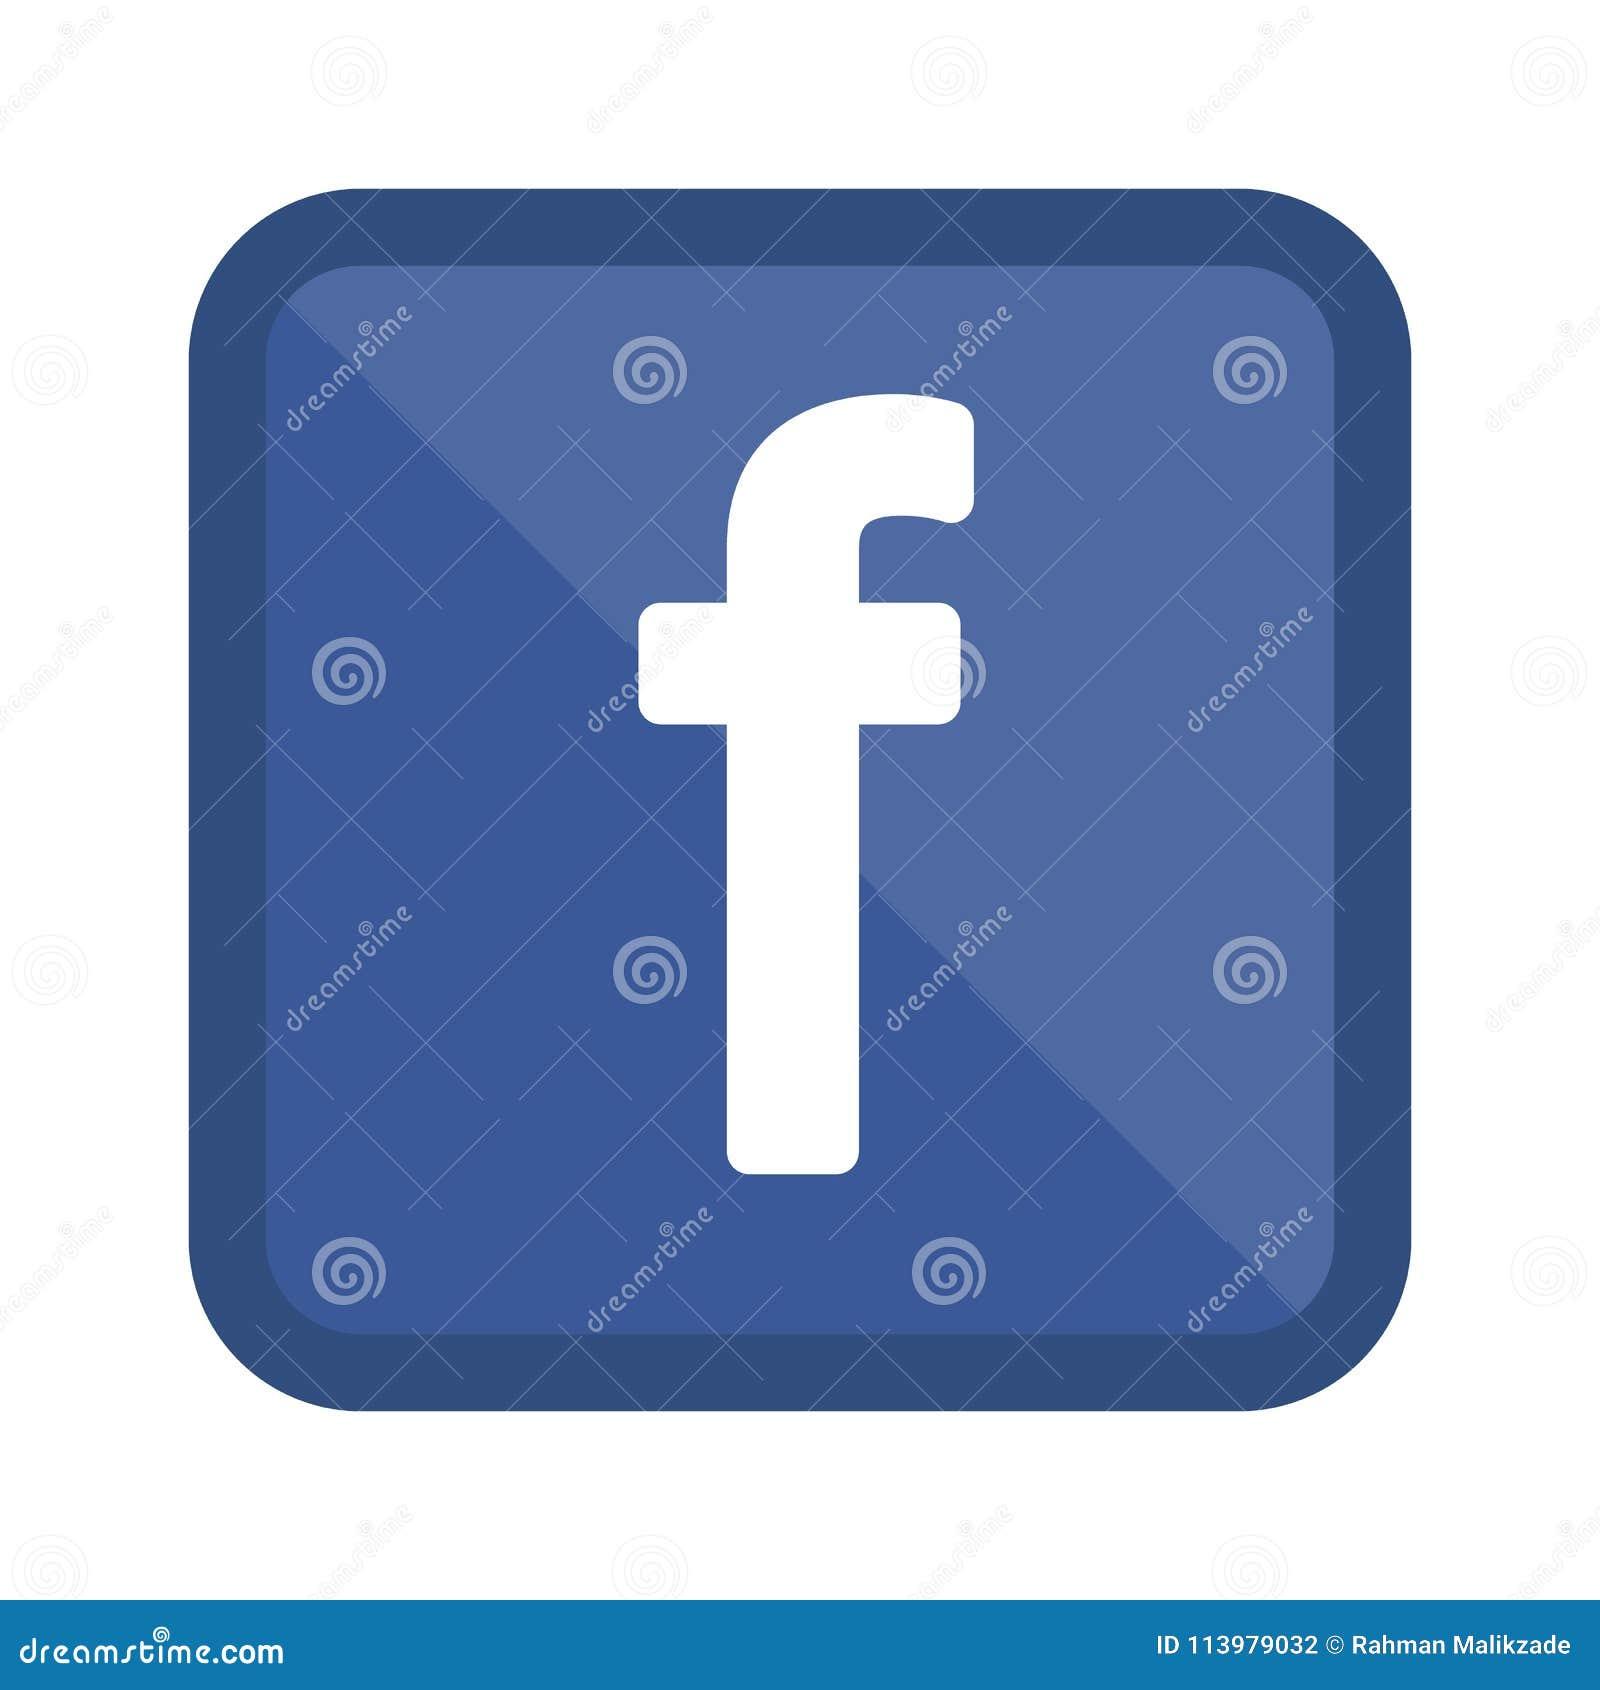 Facebook Logo Letter F Social Media Icon Flat Vector Illustration